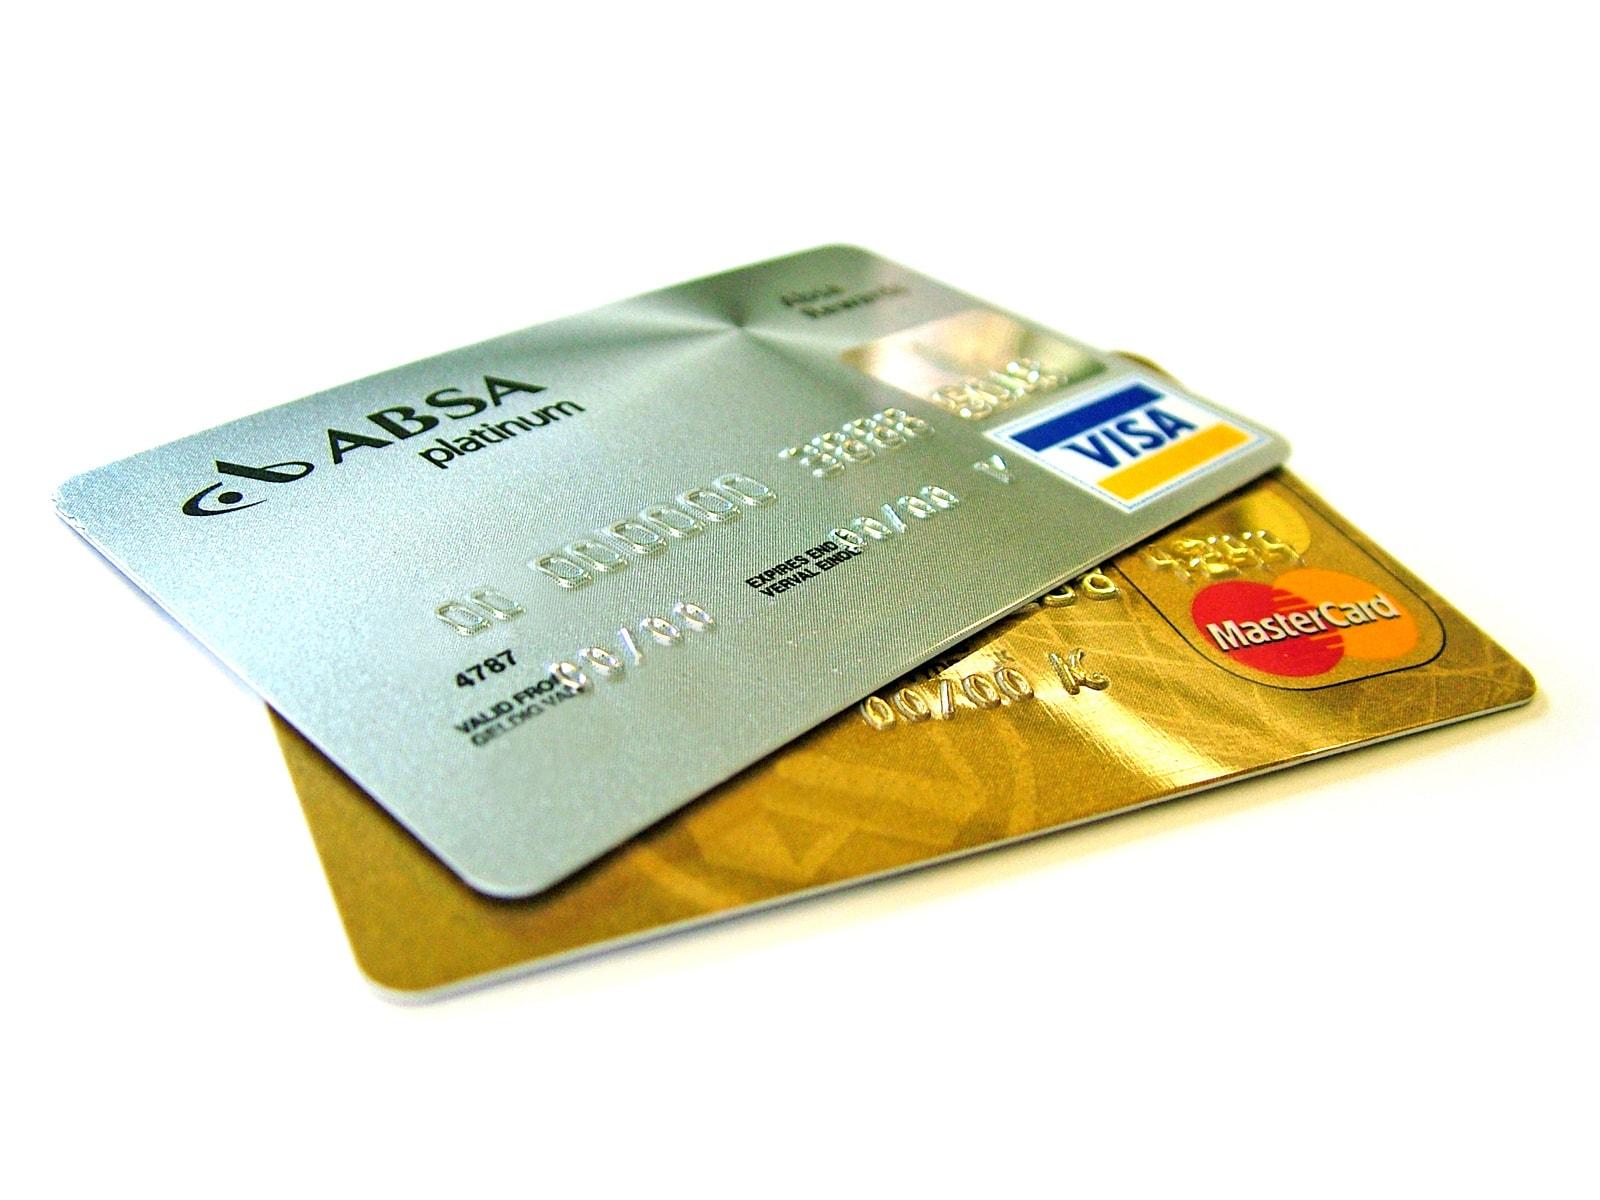 Paiement en ligne, retrait d'argent, achats en magasin...Ne sortez plus votre carte bancaire!